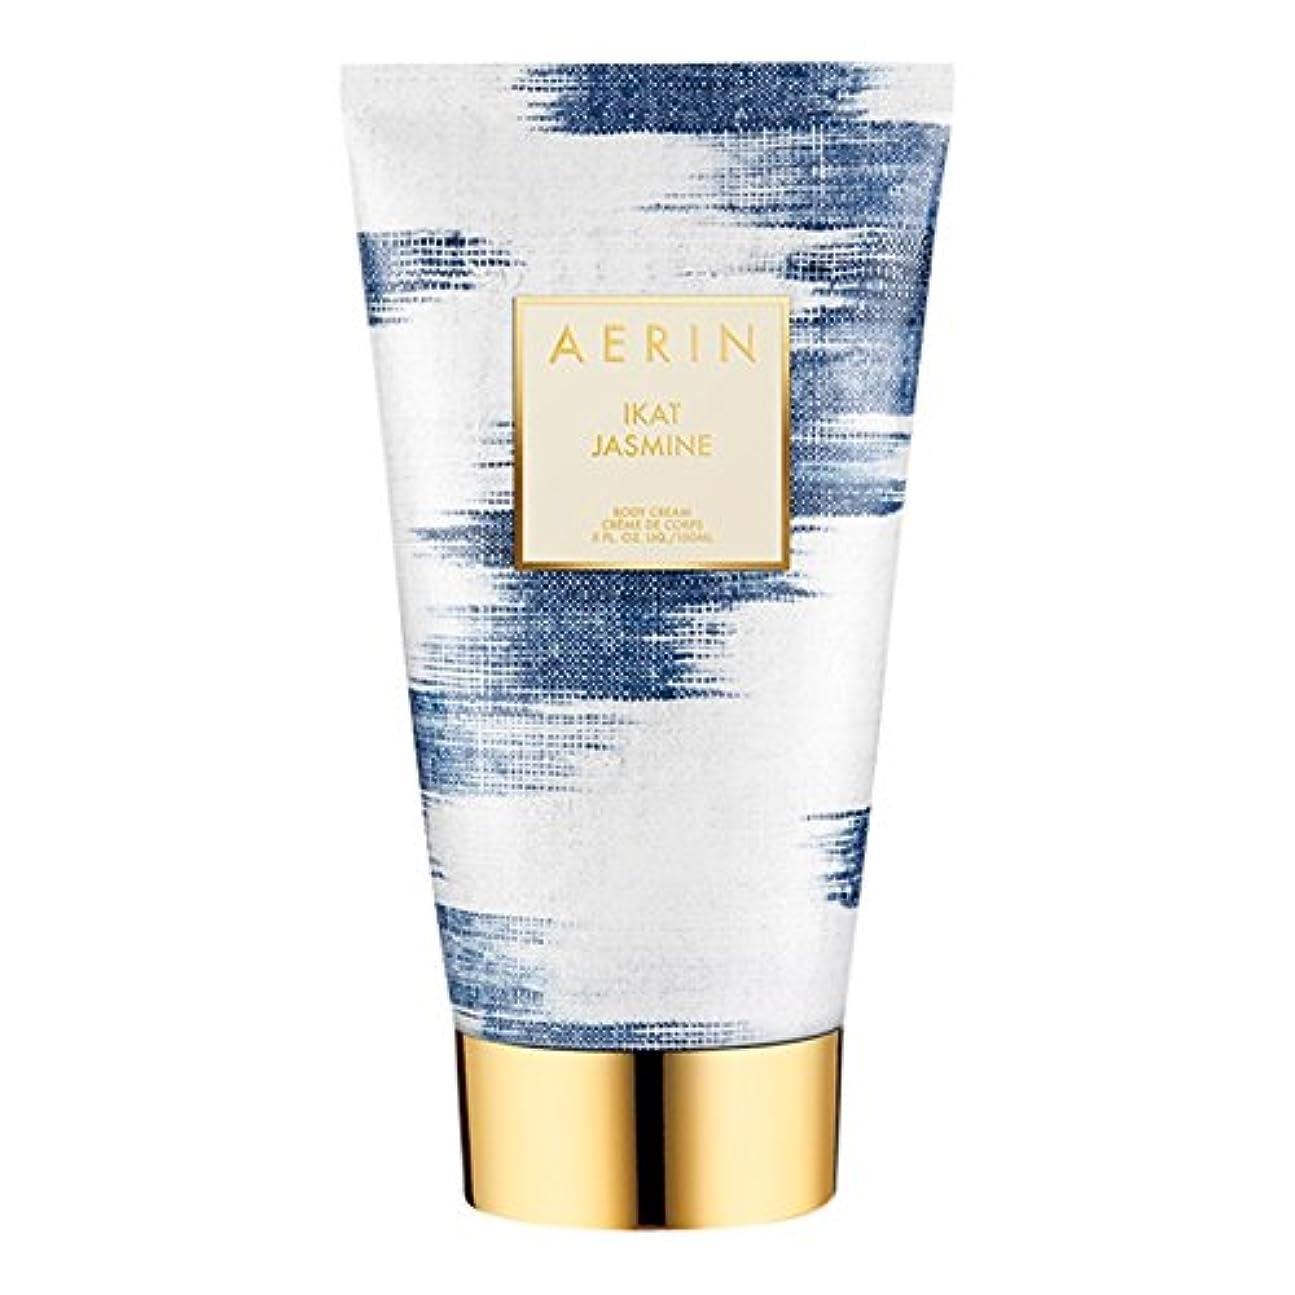 エンゲージメントナイロン選ぶAerinイカットジャスミンボディクリーム150ミリリットル (AERIN) (x2) - AERIN Ikat Jasmine Body Cream 150ml (Pack of 2) [並行輸入品]